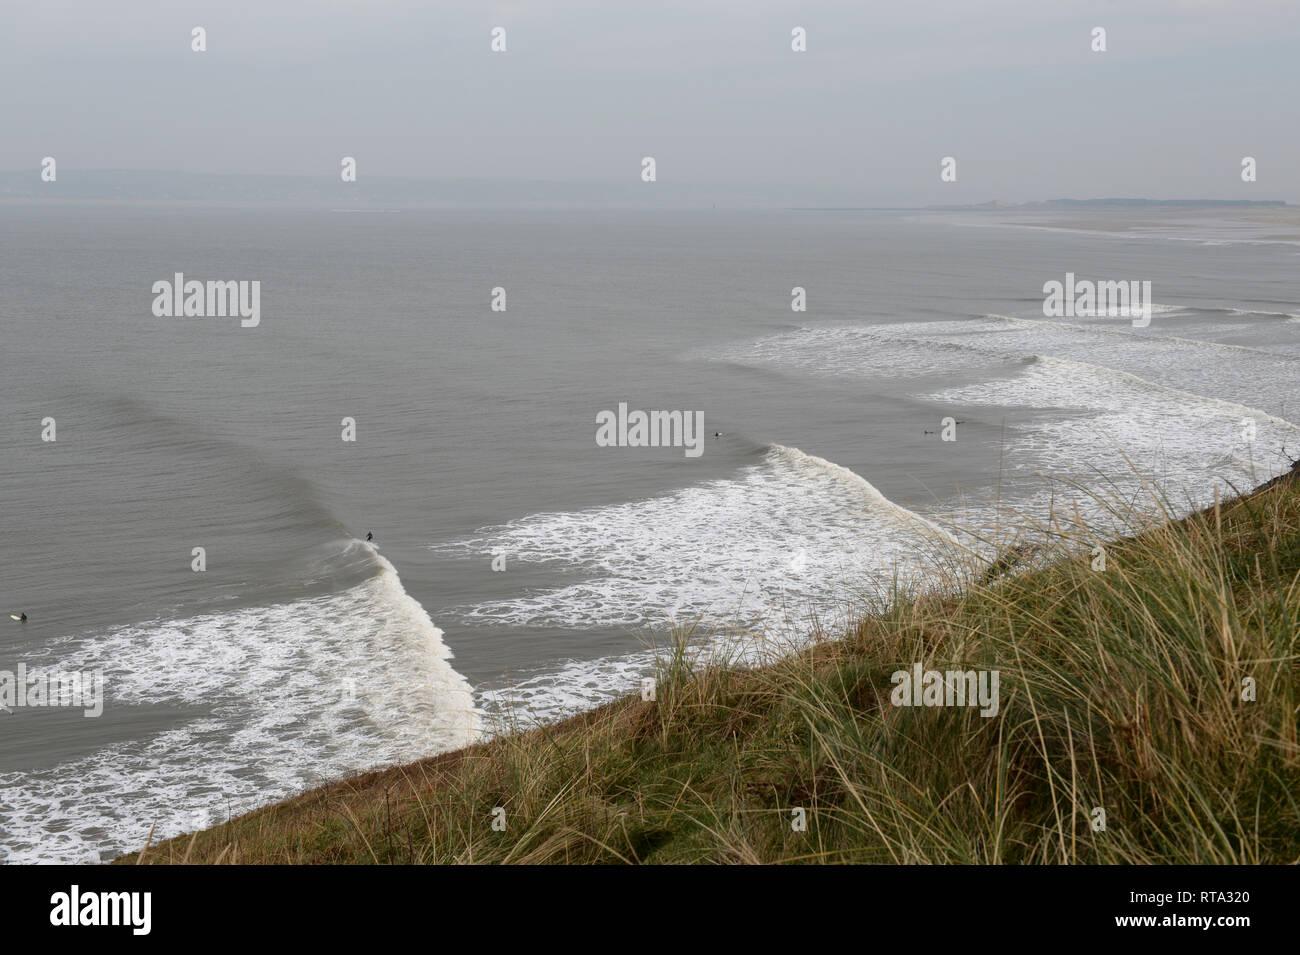 Navigazione a Broughton dove onde lunghe di rottura lungo la costa selvaggia in un giorno di tempesta facendo il punto perfetto break per gli appassionati di surf Immagini Stock